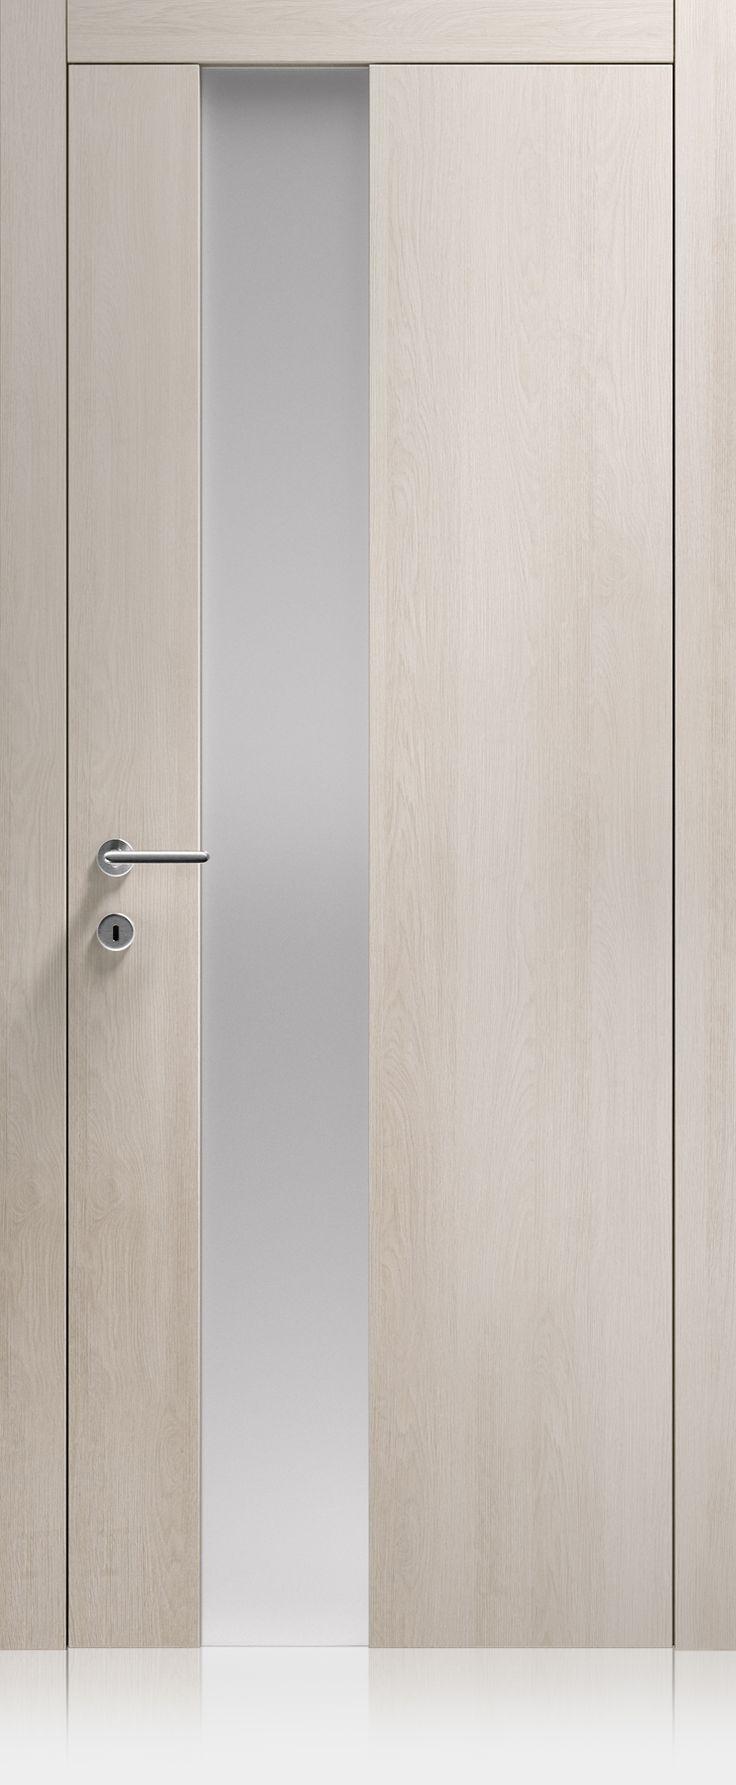 Pi di 25 fantastiche idee su porte interne su pinterest - Replica porta a porta di ieri ...